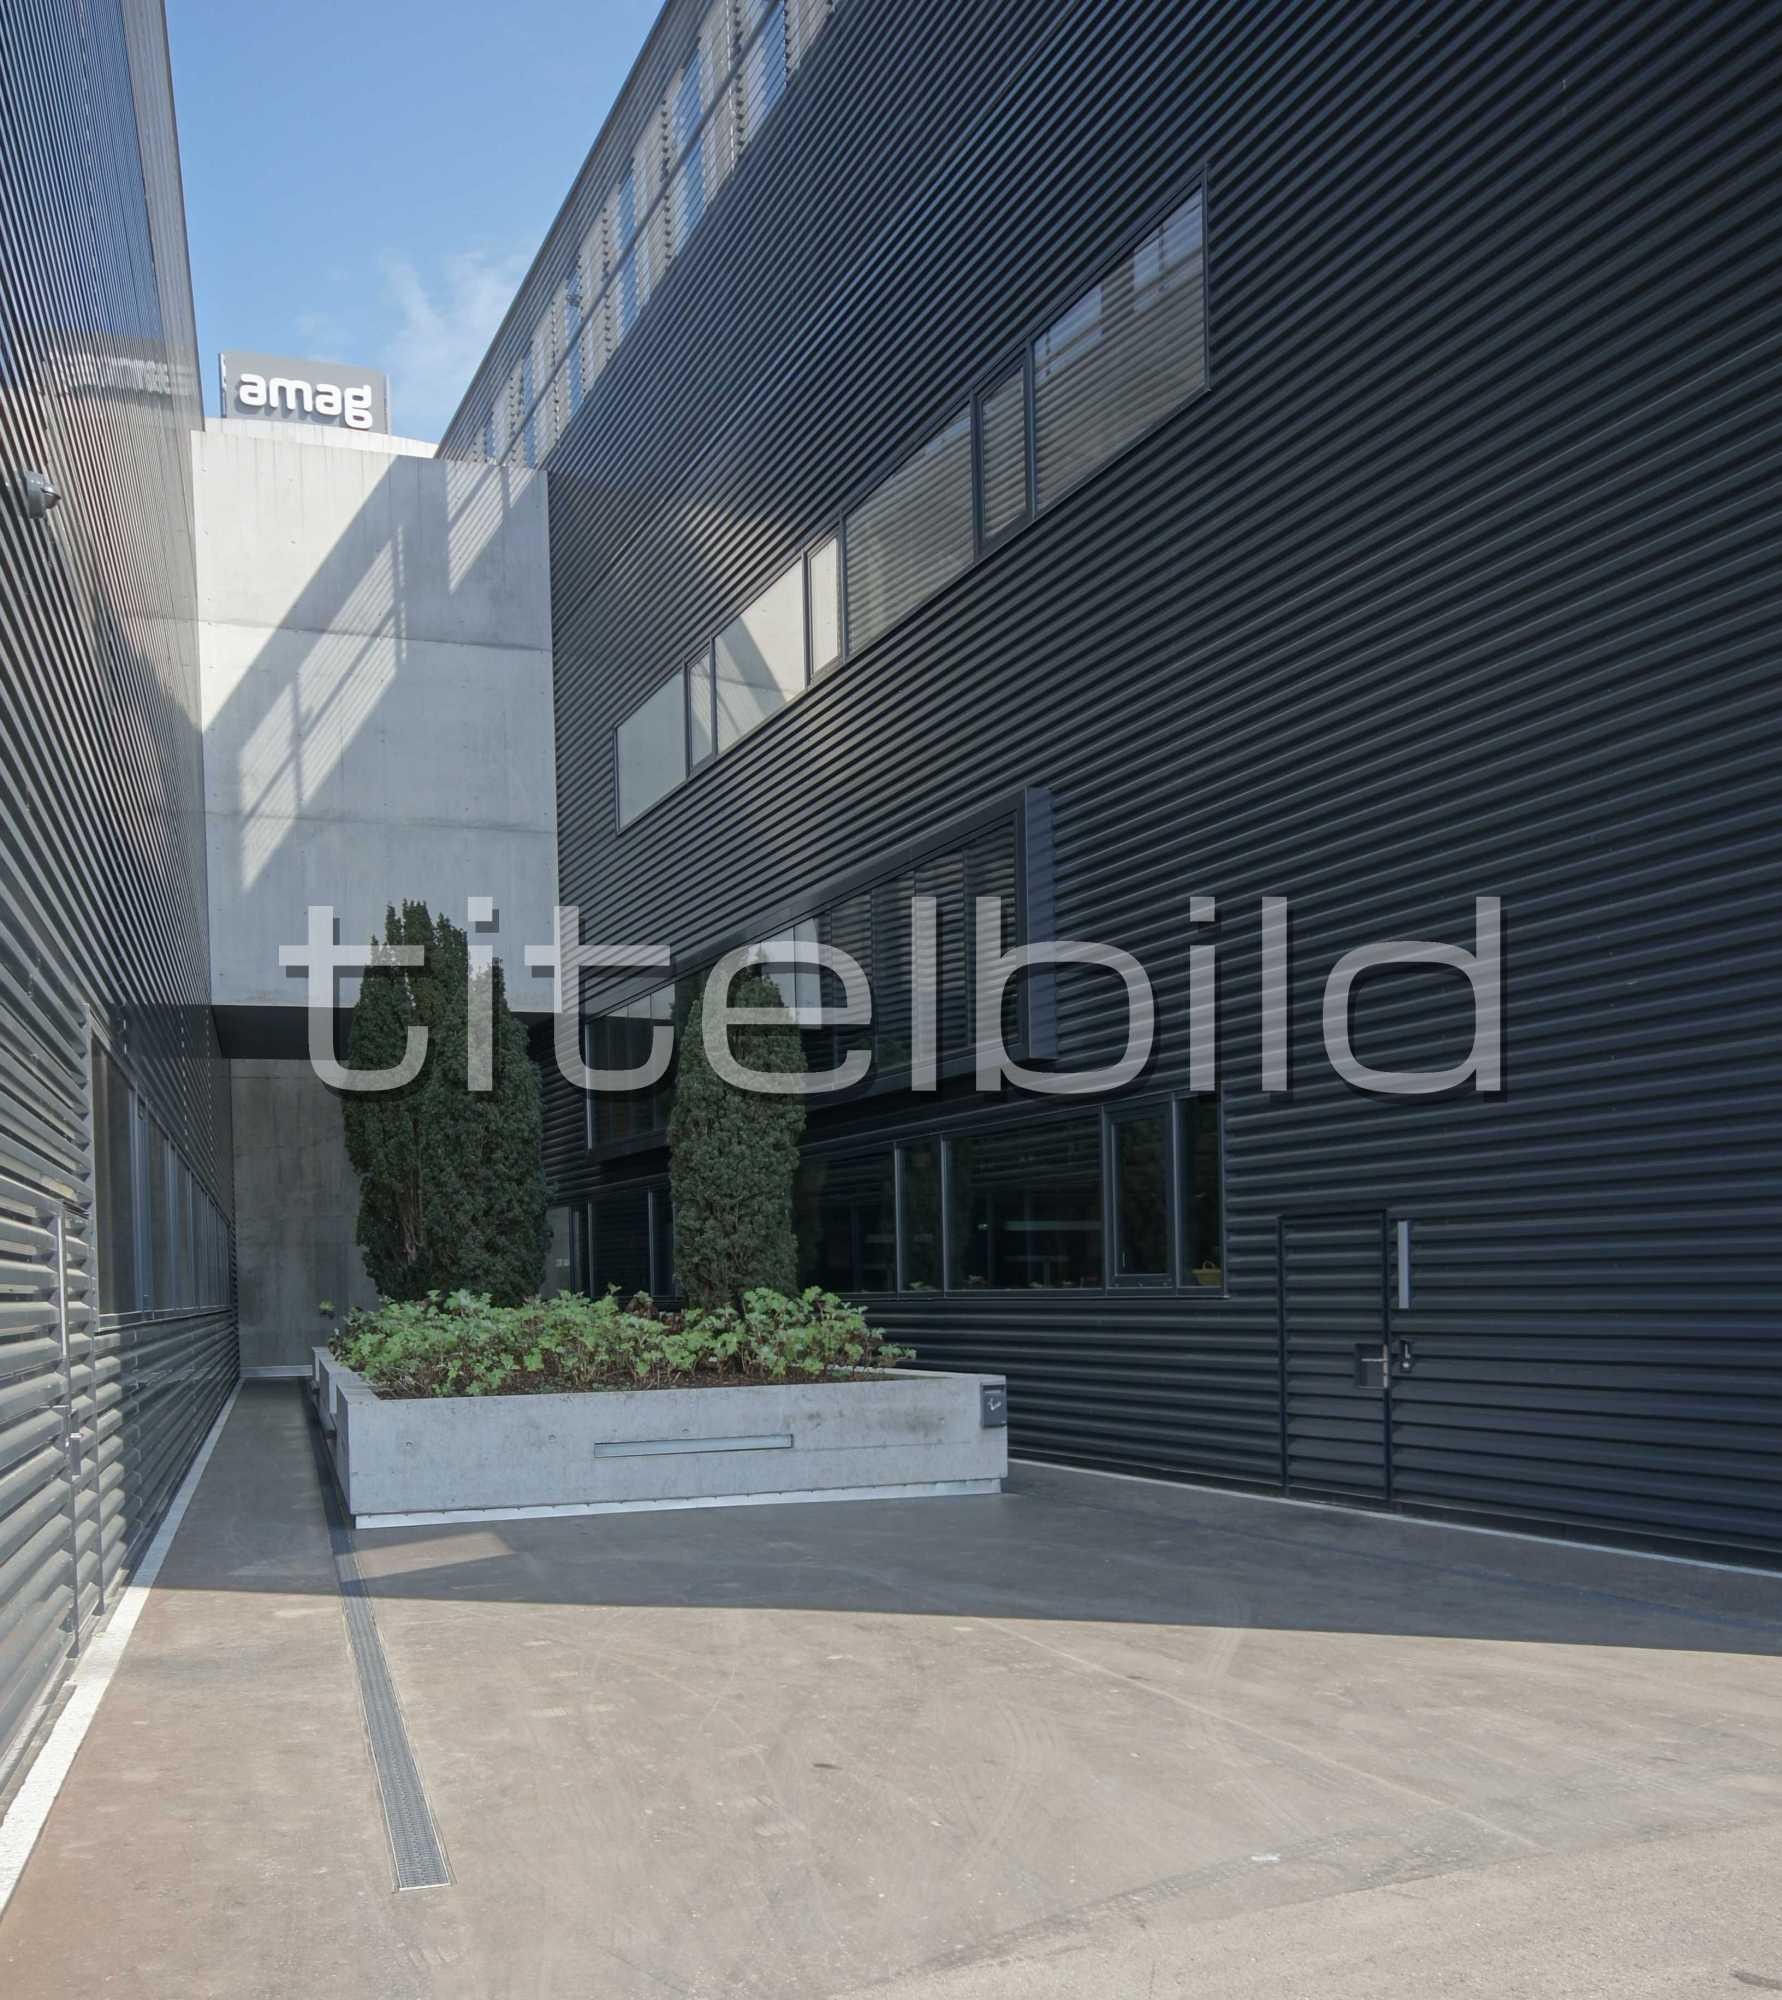 Projektbild-Nr. 7: Porsche Zentrum und VW Center - AMAG RETAIL Schlieren